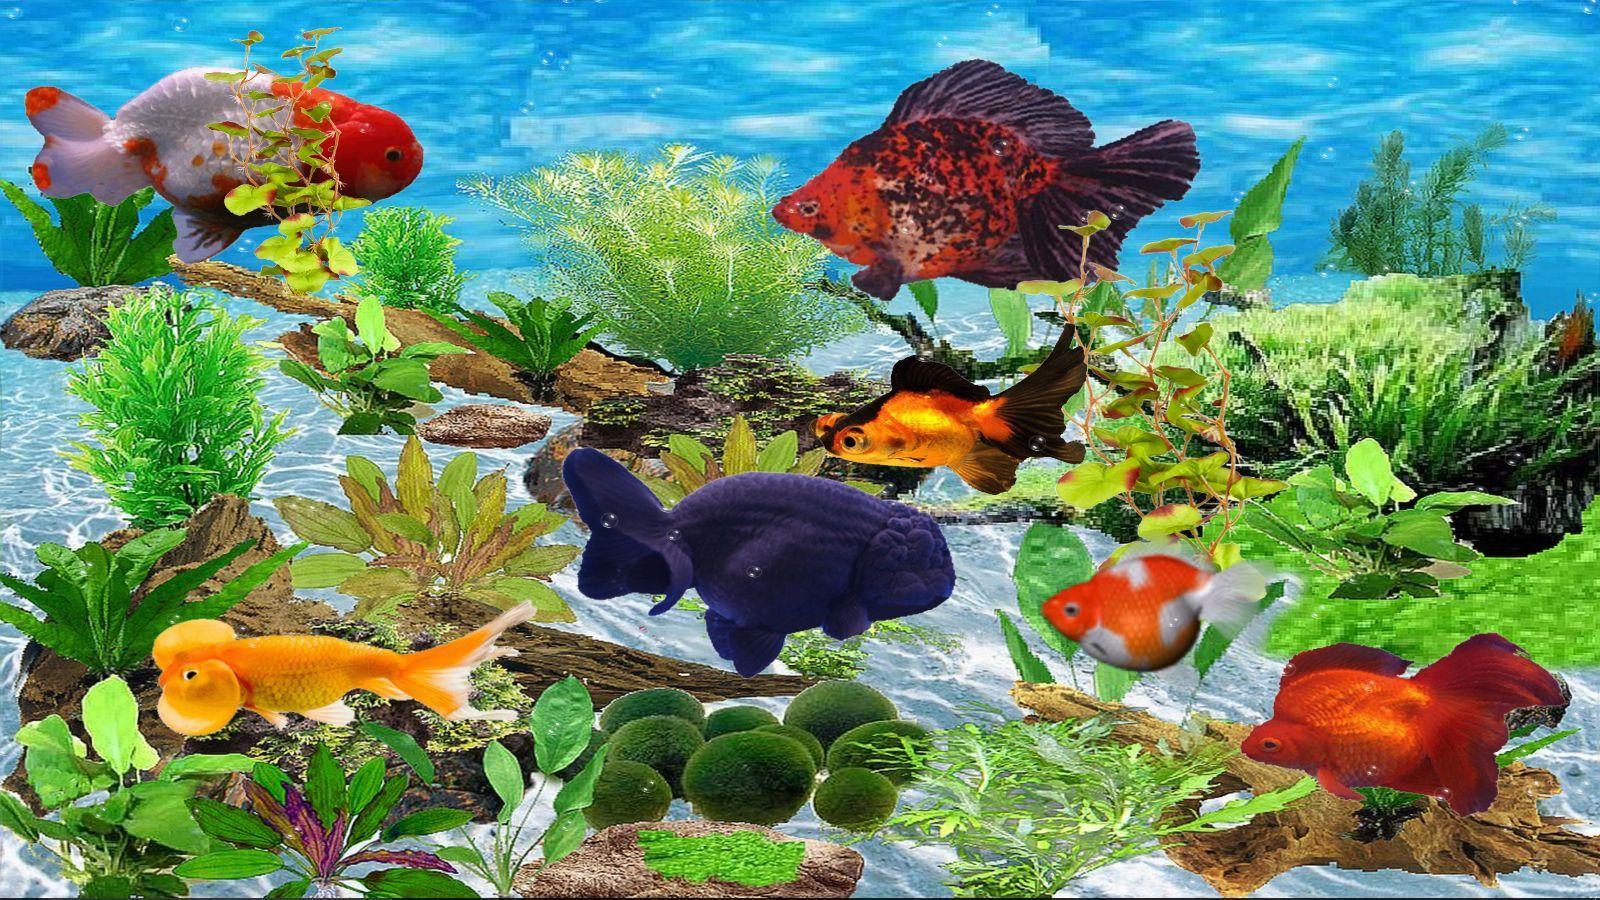 phantasie-goldfish-aquarium-download